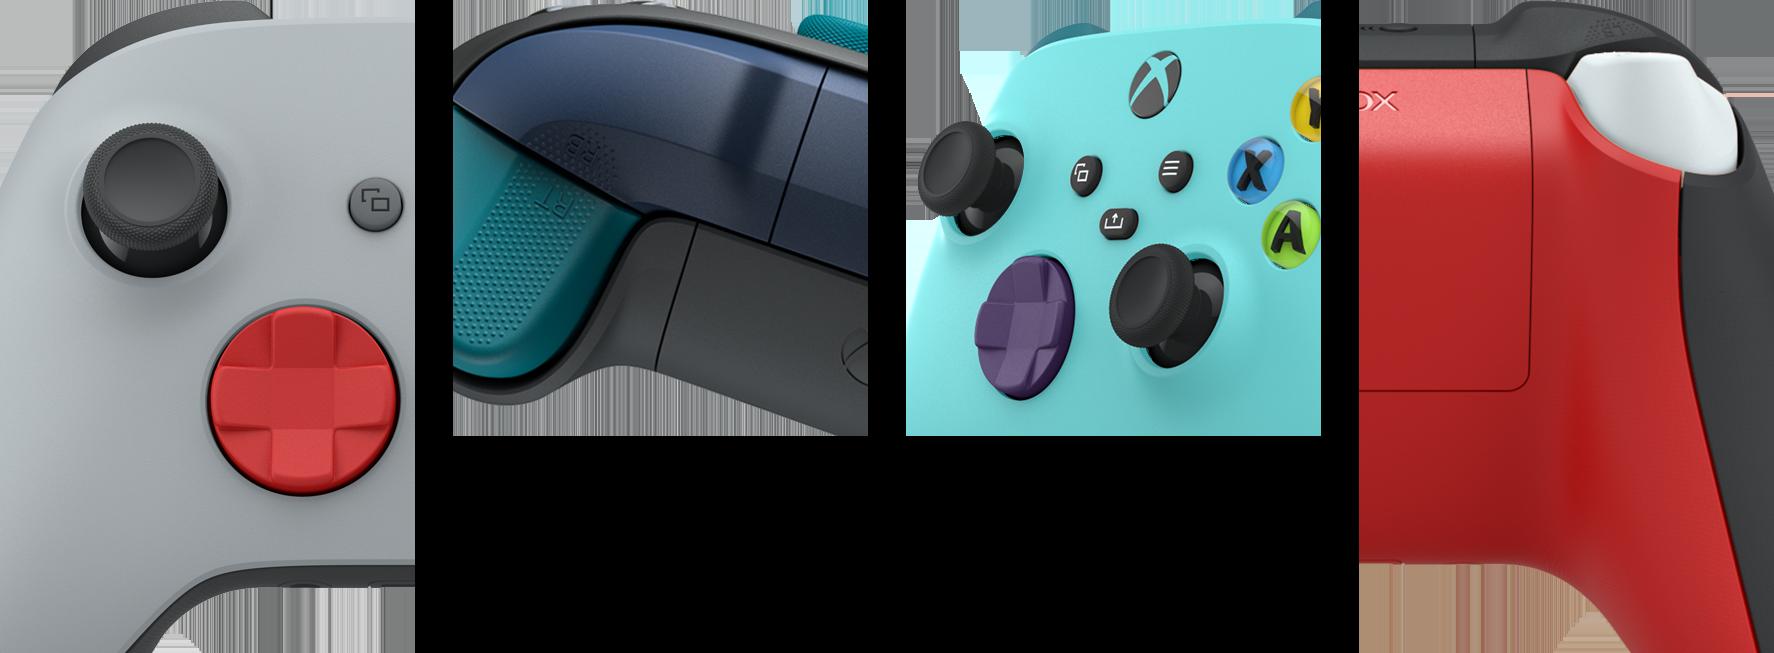 Mosaik af nærbilleder af Xbox-controlleren fra forskellige vinkler